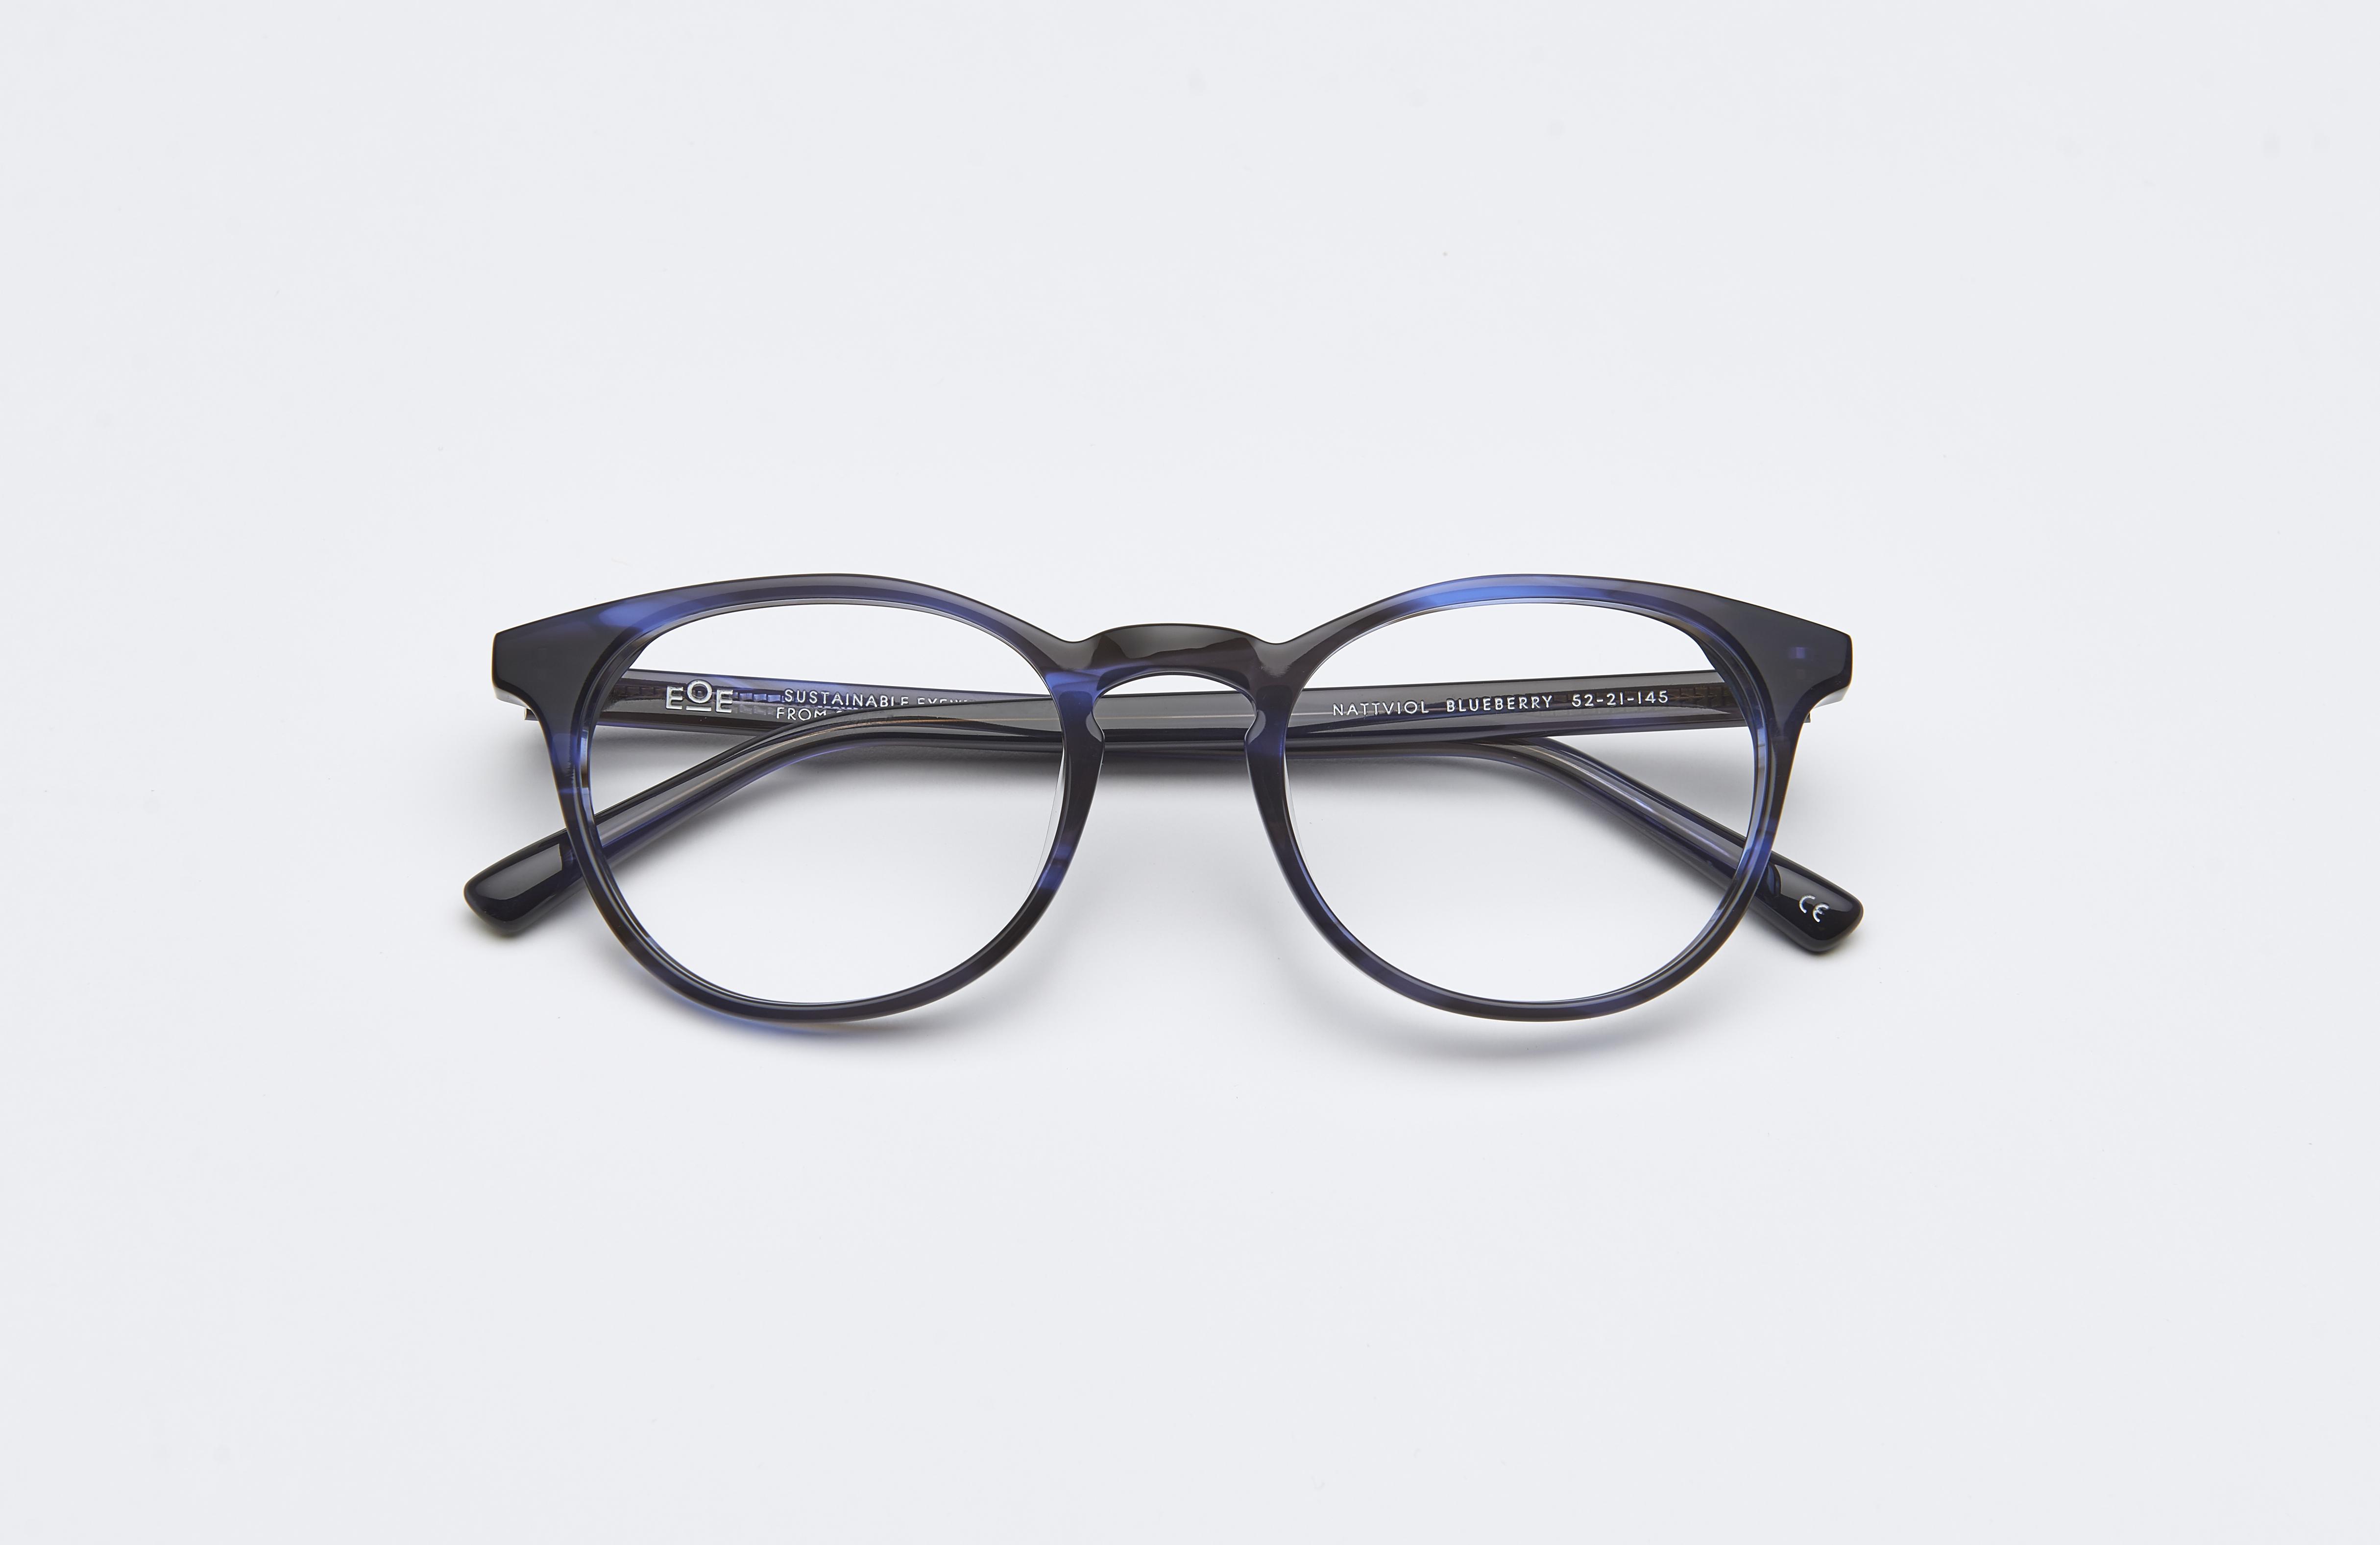 Nattviol 52 Blueberry - EOE Eyewear efa9a7d0a4f3e